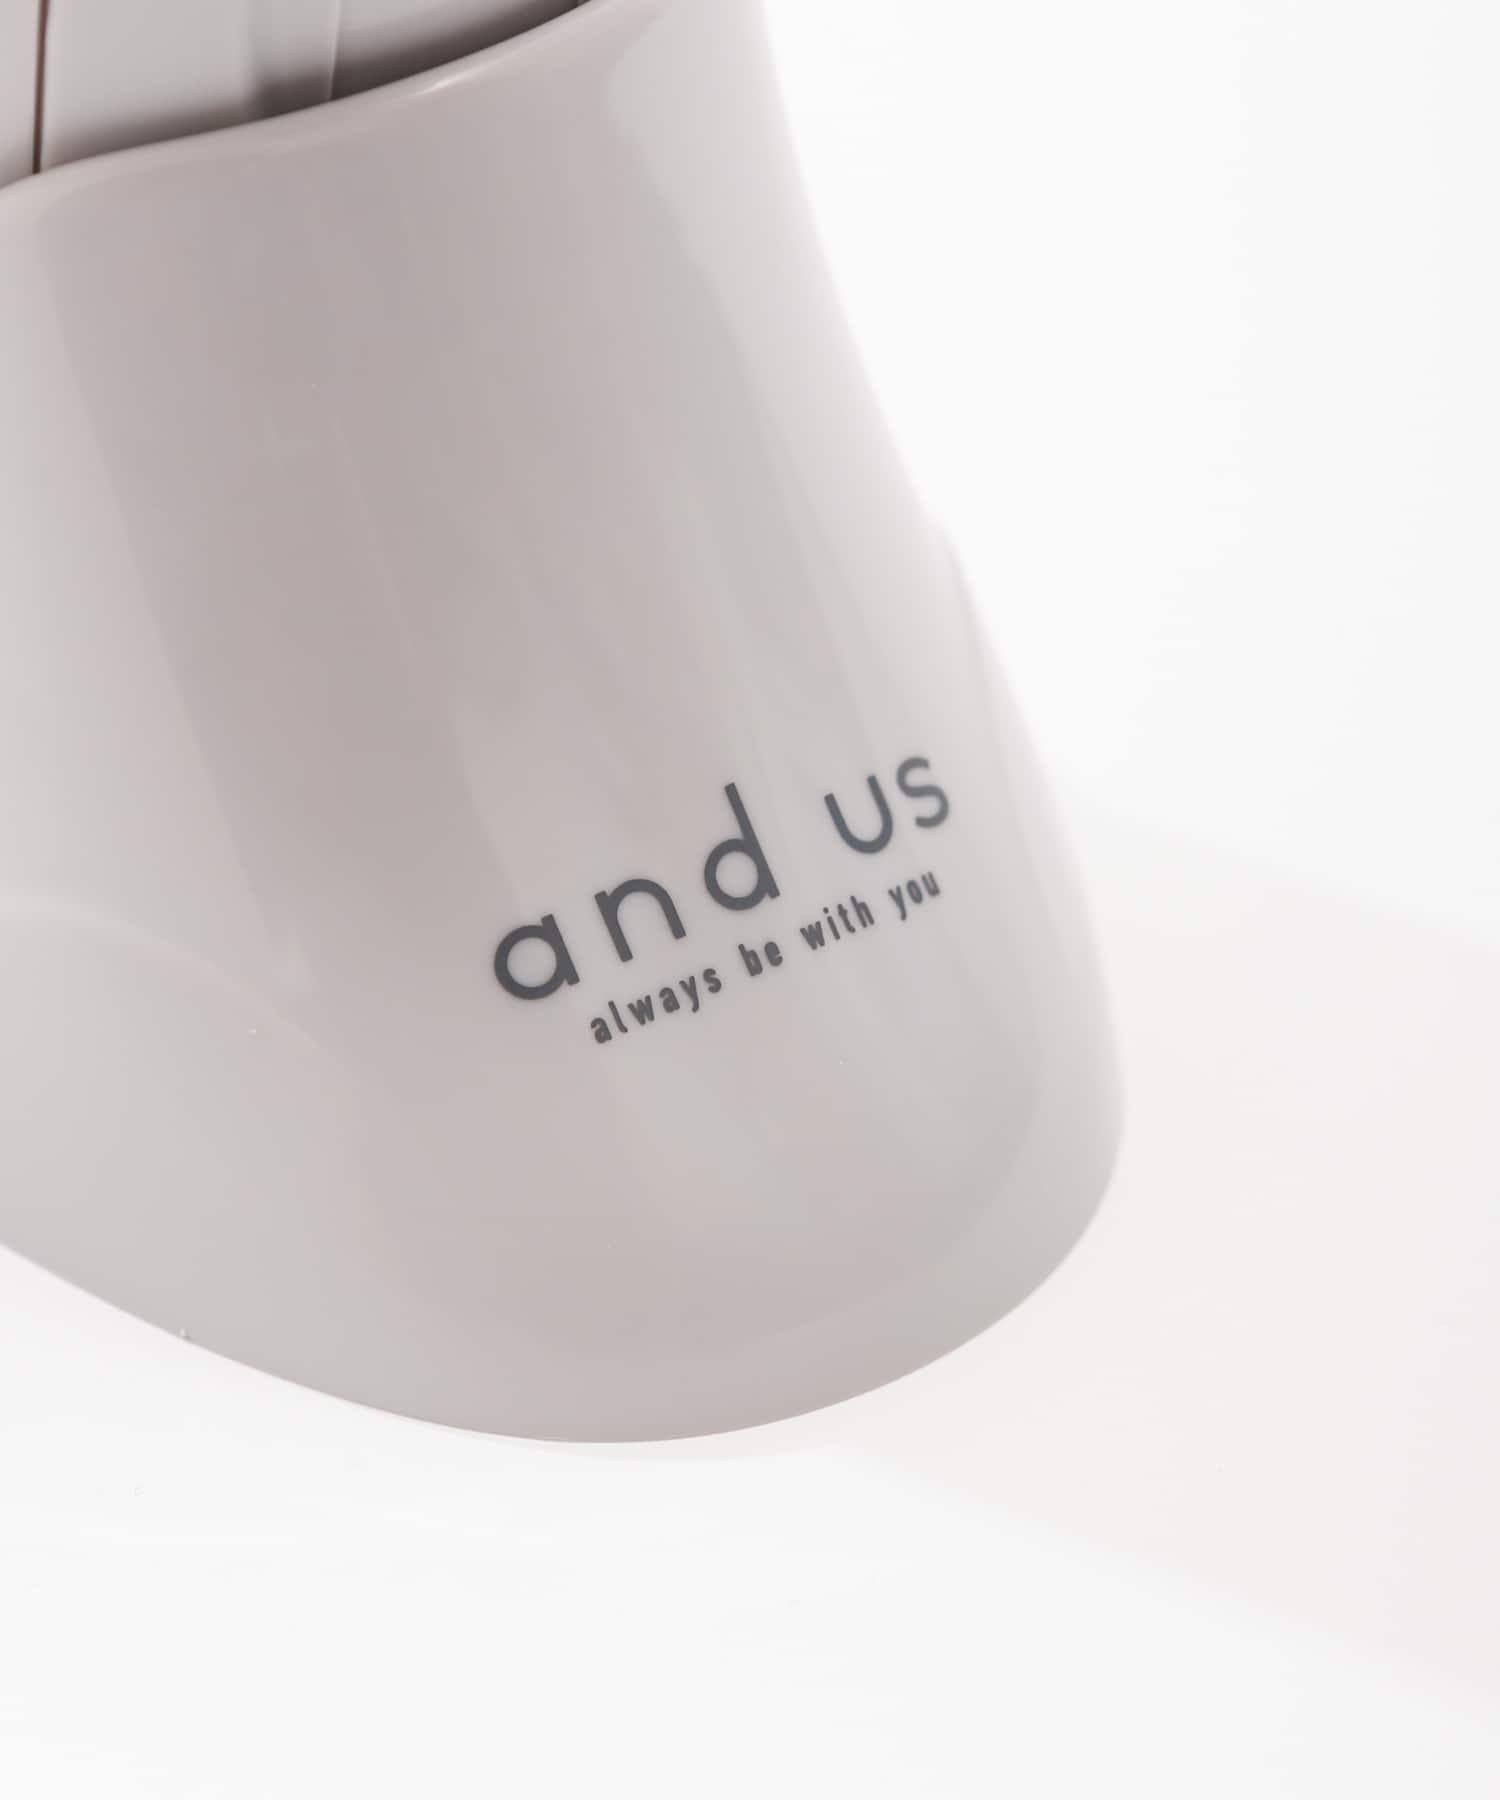 3COINS(スリーコインズ) 【and us】フェイスクレンジングブラシ